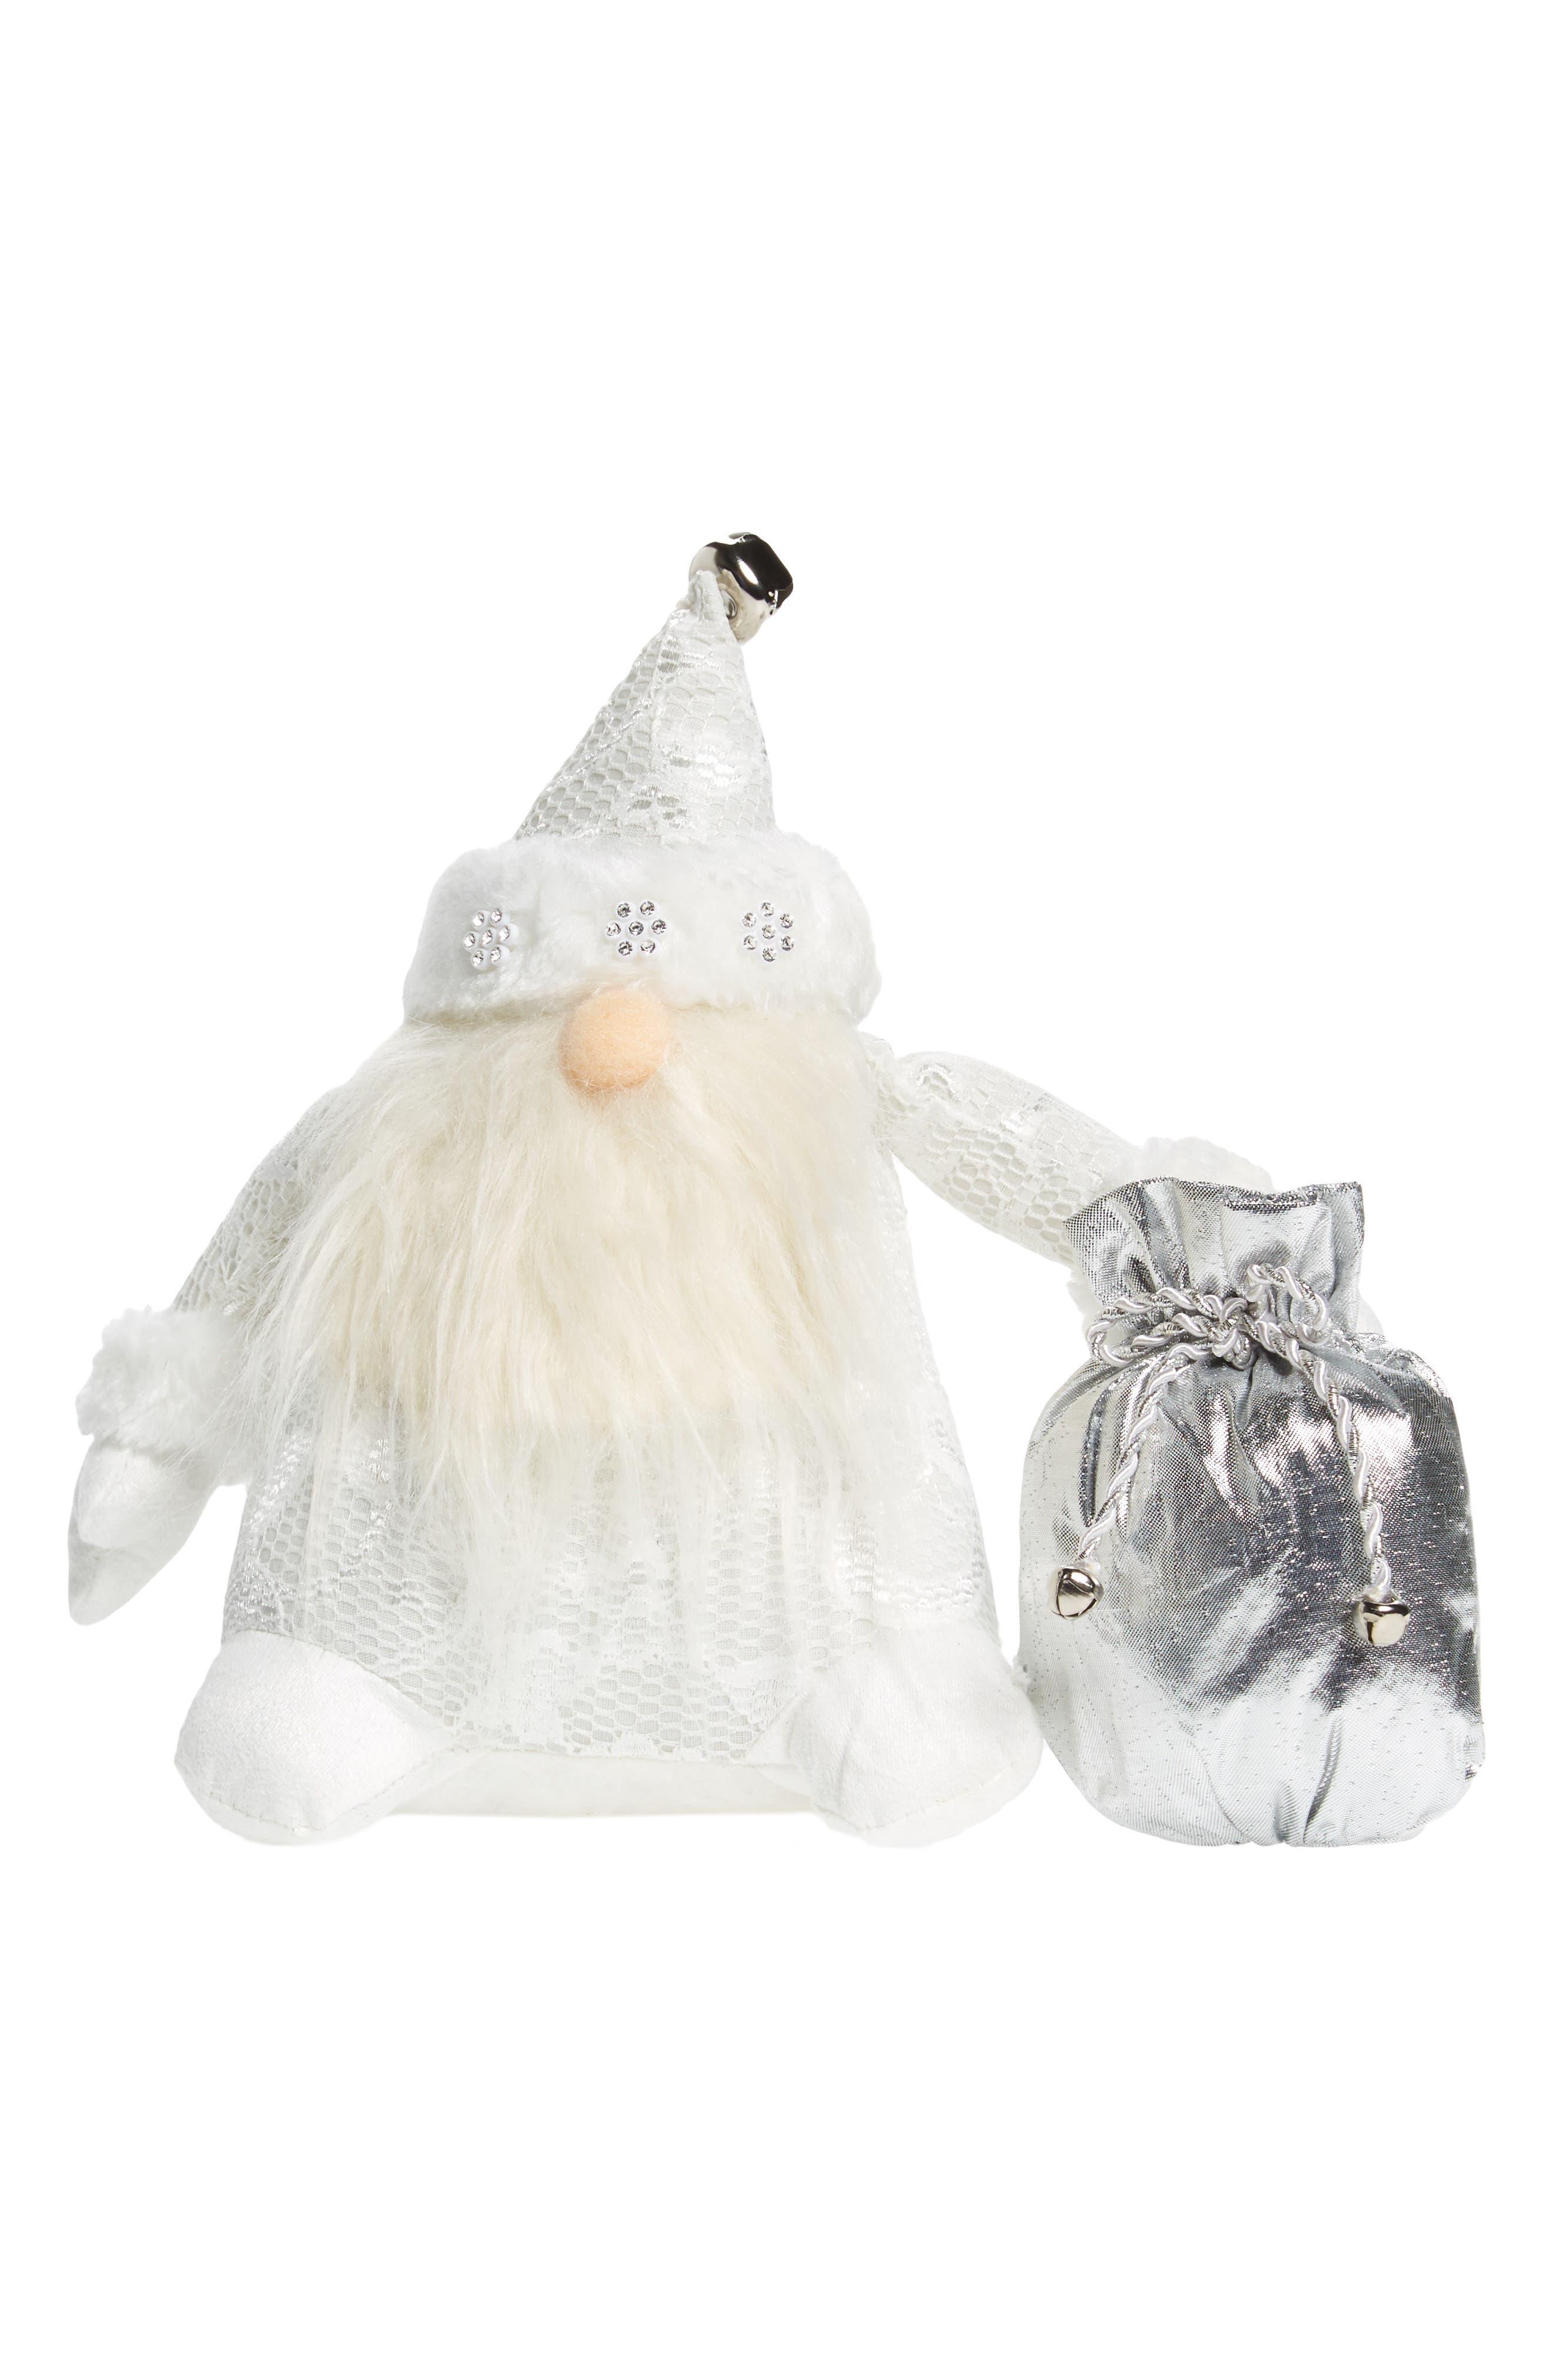 Alternate Image 1 Selected - ALLSTATE Santa Gift Bag Decoration